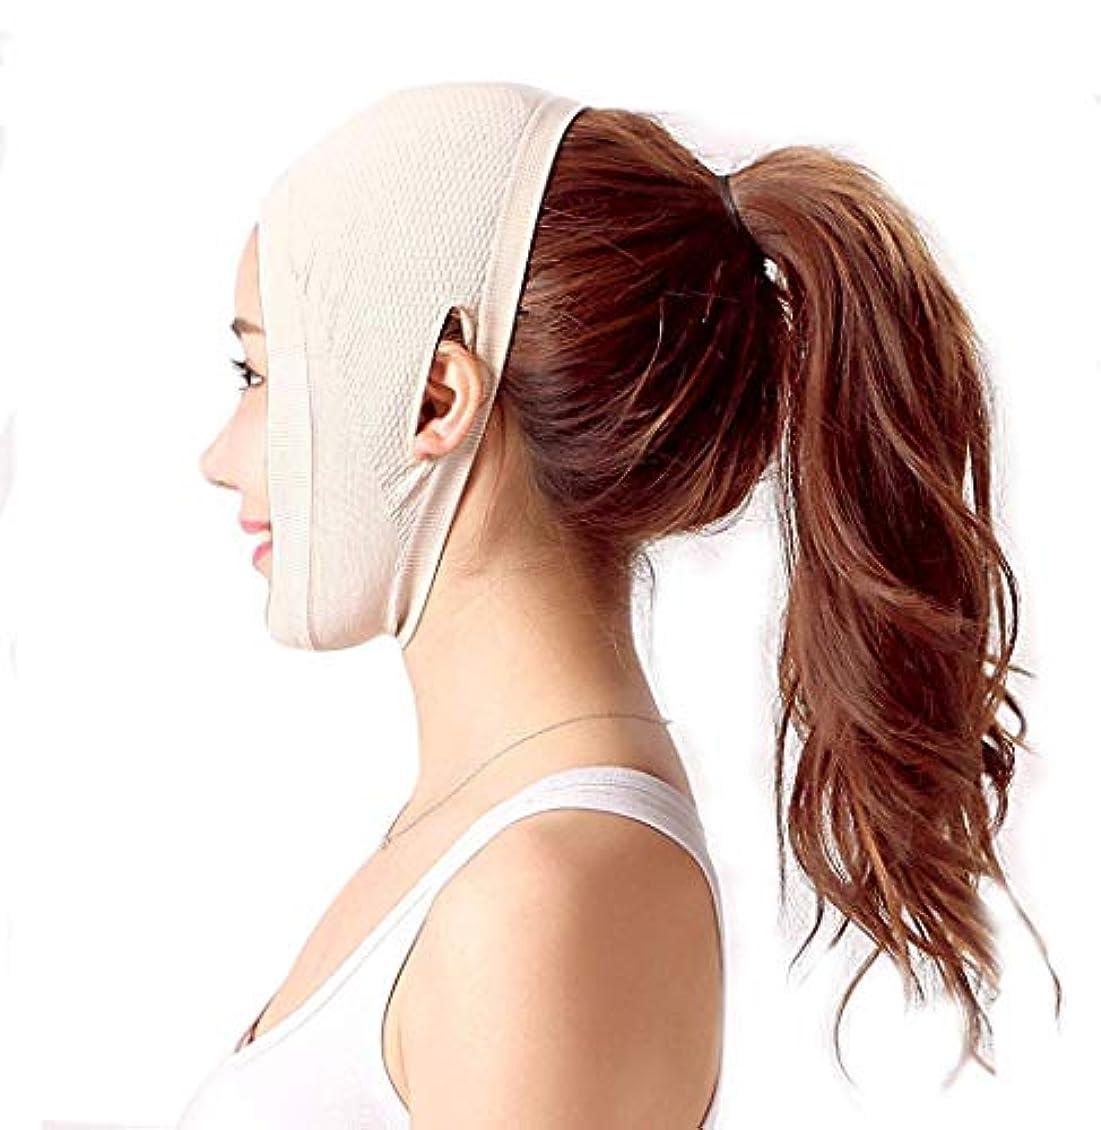 シルエット導体筋肉のフェイスリフティングバンデージ、術後回復マスク、リフティングバンデージ、フェイスリフティングアーティファクト、細い二重あご、細い咬筋(色:肌色(B))